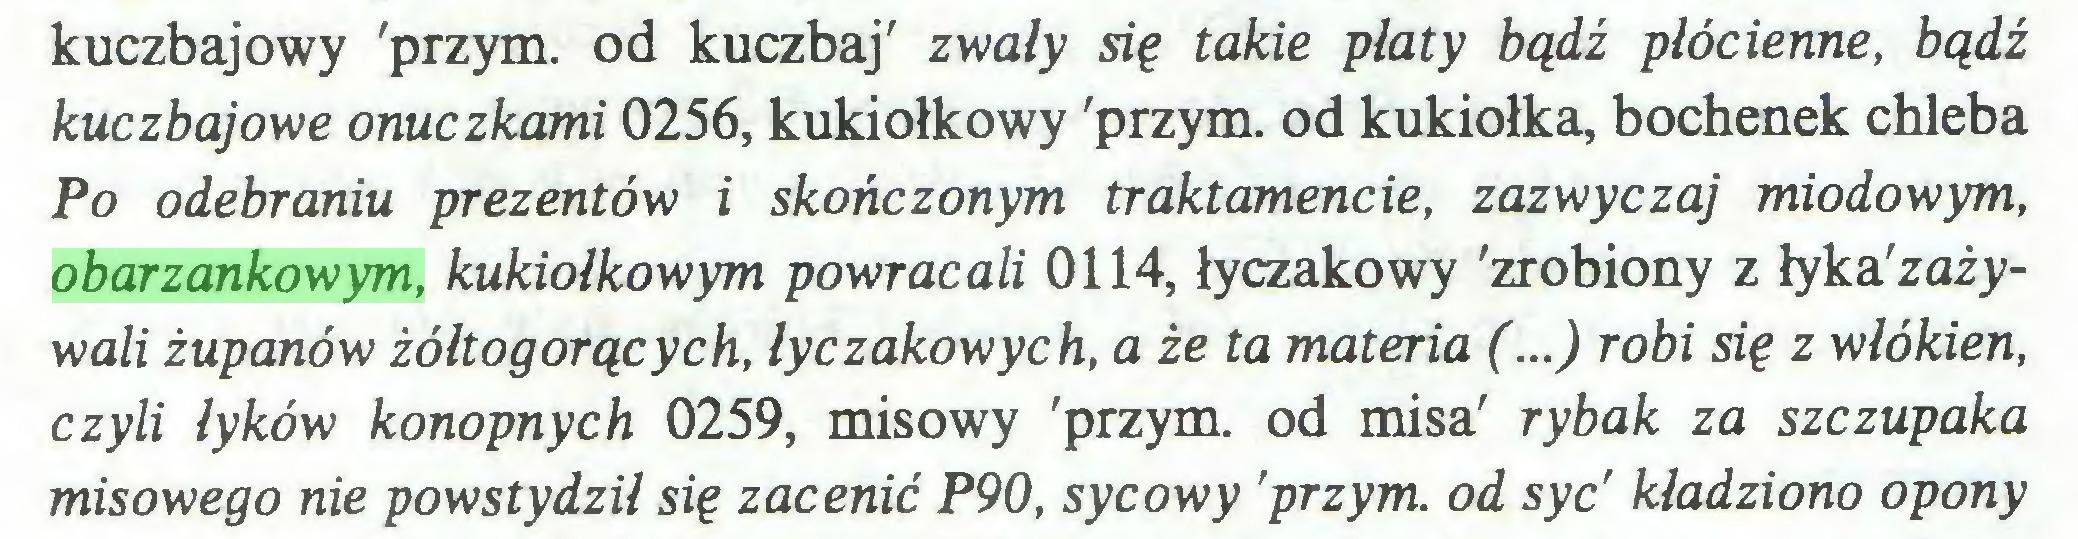 (...) kuczbajowy 'przym. od kuczbaj' zwały się takie płaty bądź płócienne, bądź kuczbajowe onuczkami 0256, kukiołkowy 'przym. od kukiołka, bochenek chleba Po odebraniu prezentów i skończonym traktamencie, zazwyczaj miodowym, obarzankowym, kukiołkowym powracali 0114, łyczakowy 'zrobiony z łyka'zaiywali żupanów żółtogorących, łyczakowych, a że ta materia (...) robi się z włókien, czyli łyków konopnych 0259, misowy 'przym. od misa' rybak za szczupaka misowego nie powstydził się zacenić P90, sycowy 'przym. od syc' kładziono opony...